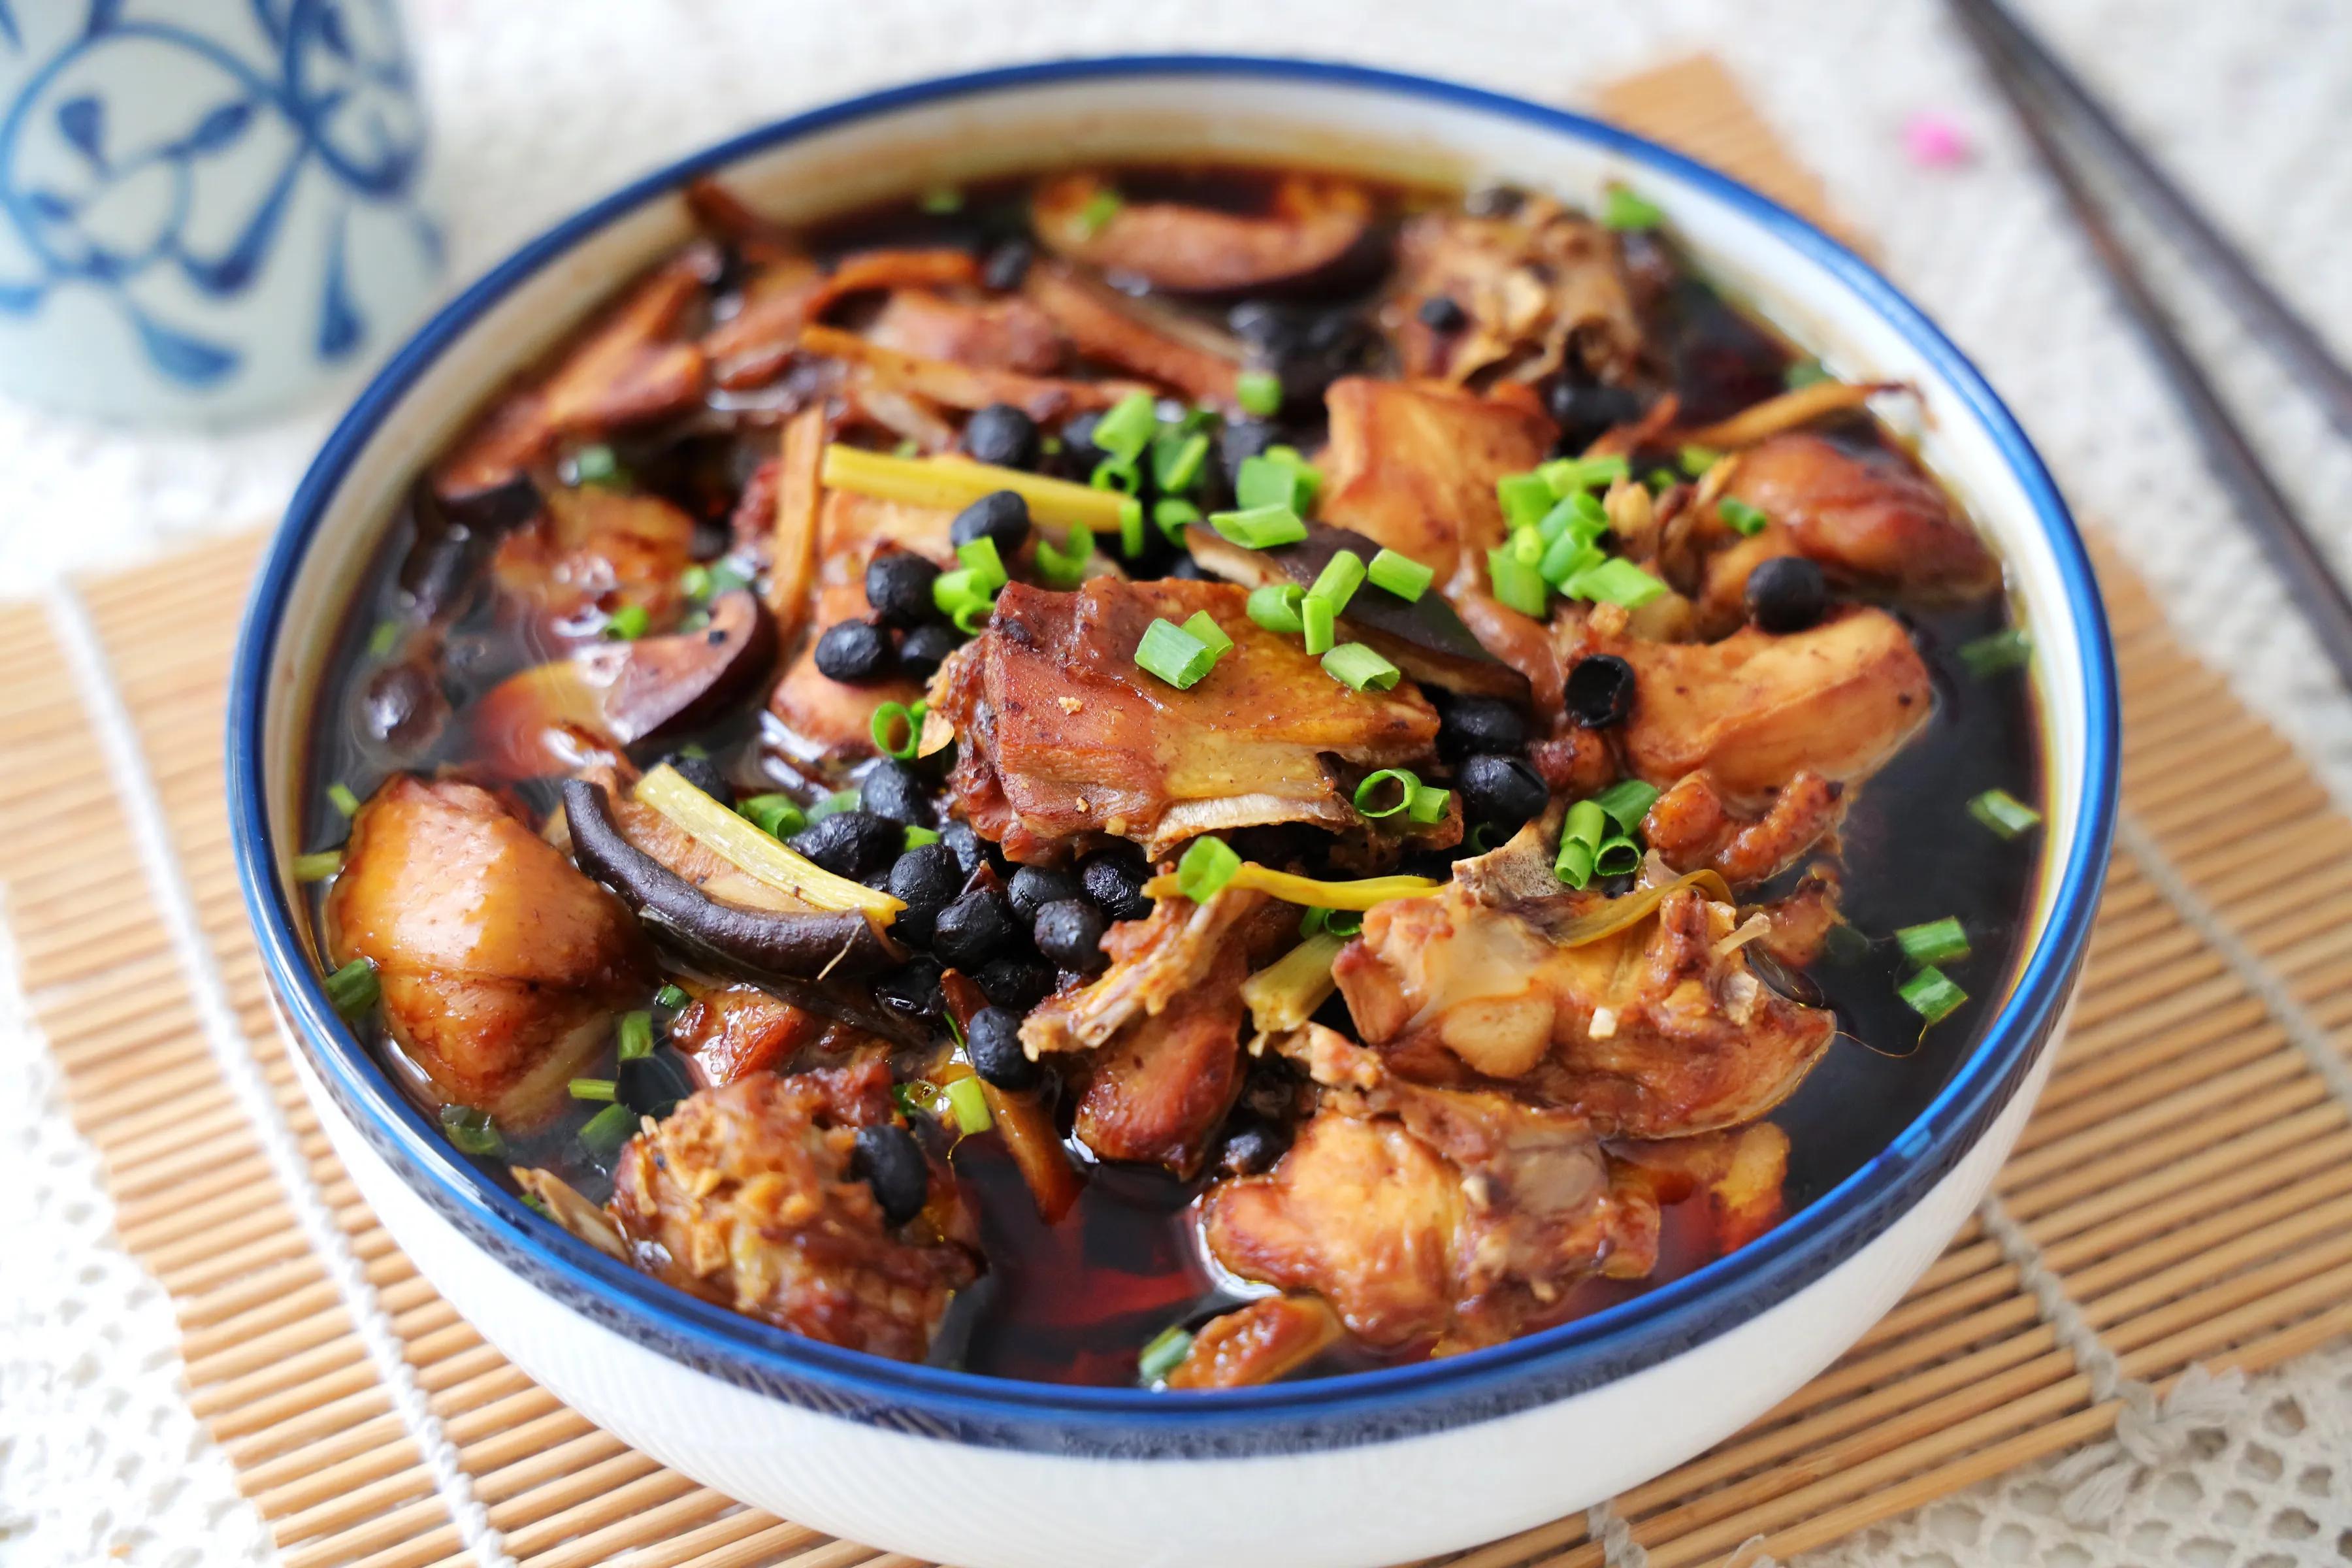 立秋了,這6款肉菜要多吃,蒸一蒸煎一煎少油煙,幫你舒心過個秋